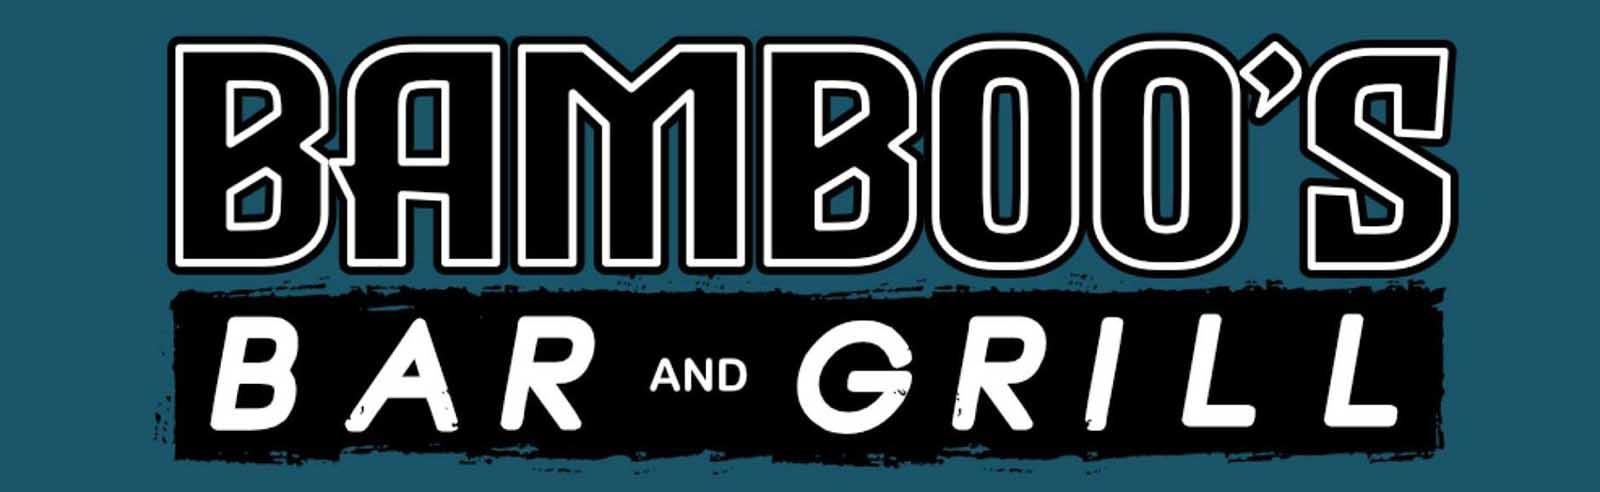 bamboos bar and grill logo